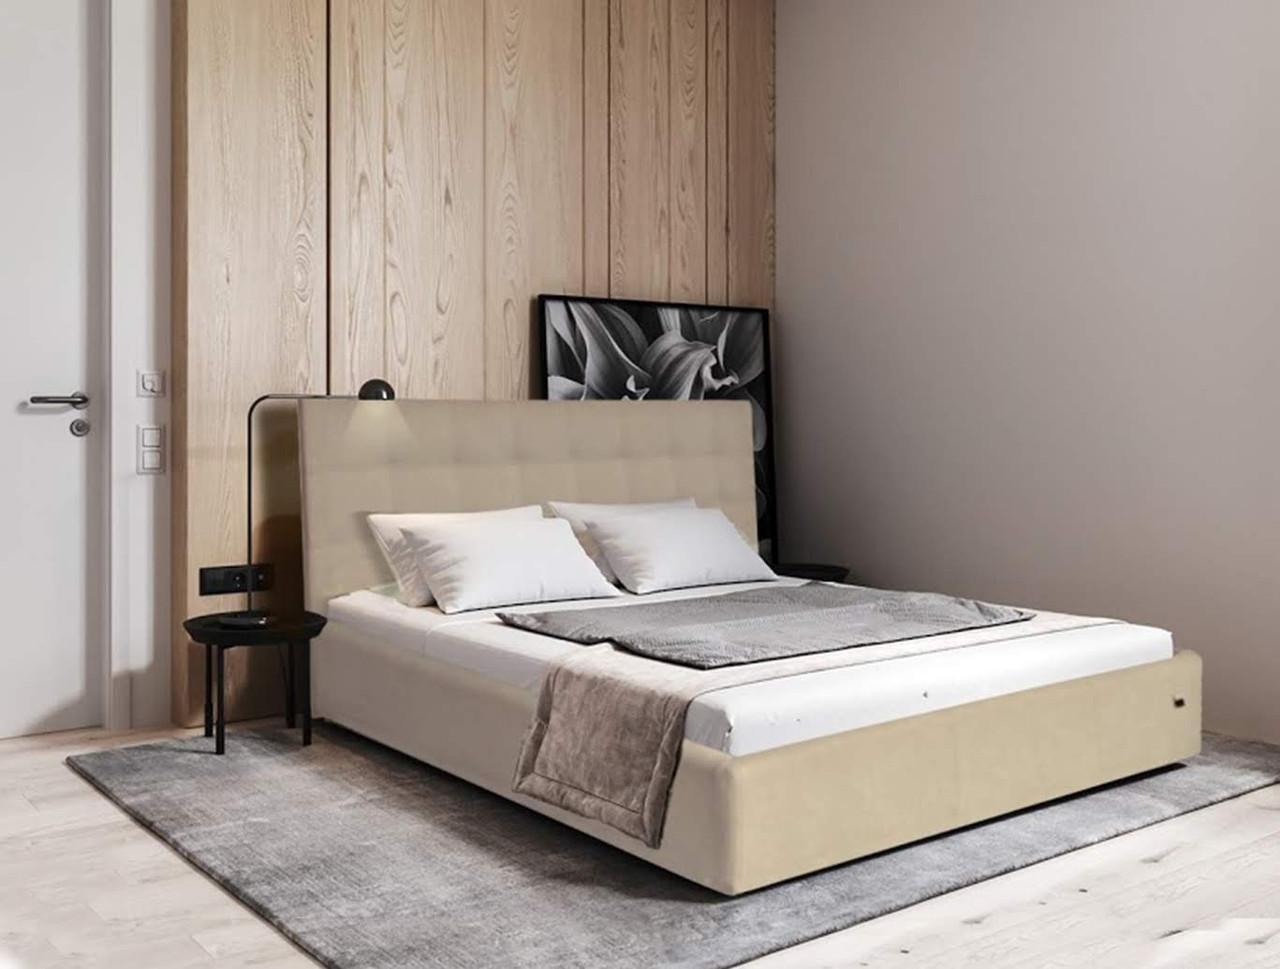 Кровать Двуспальная Richman Честер 160 х 190 см Флай 2207 С подъемным механизмом и нишей для белья Бежевая